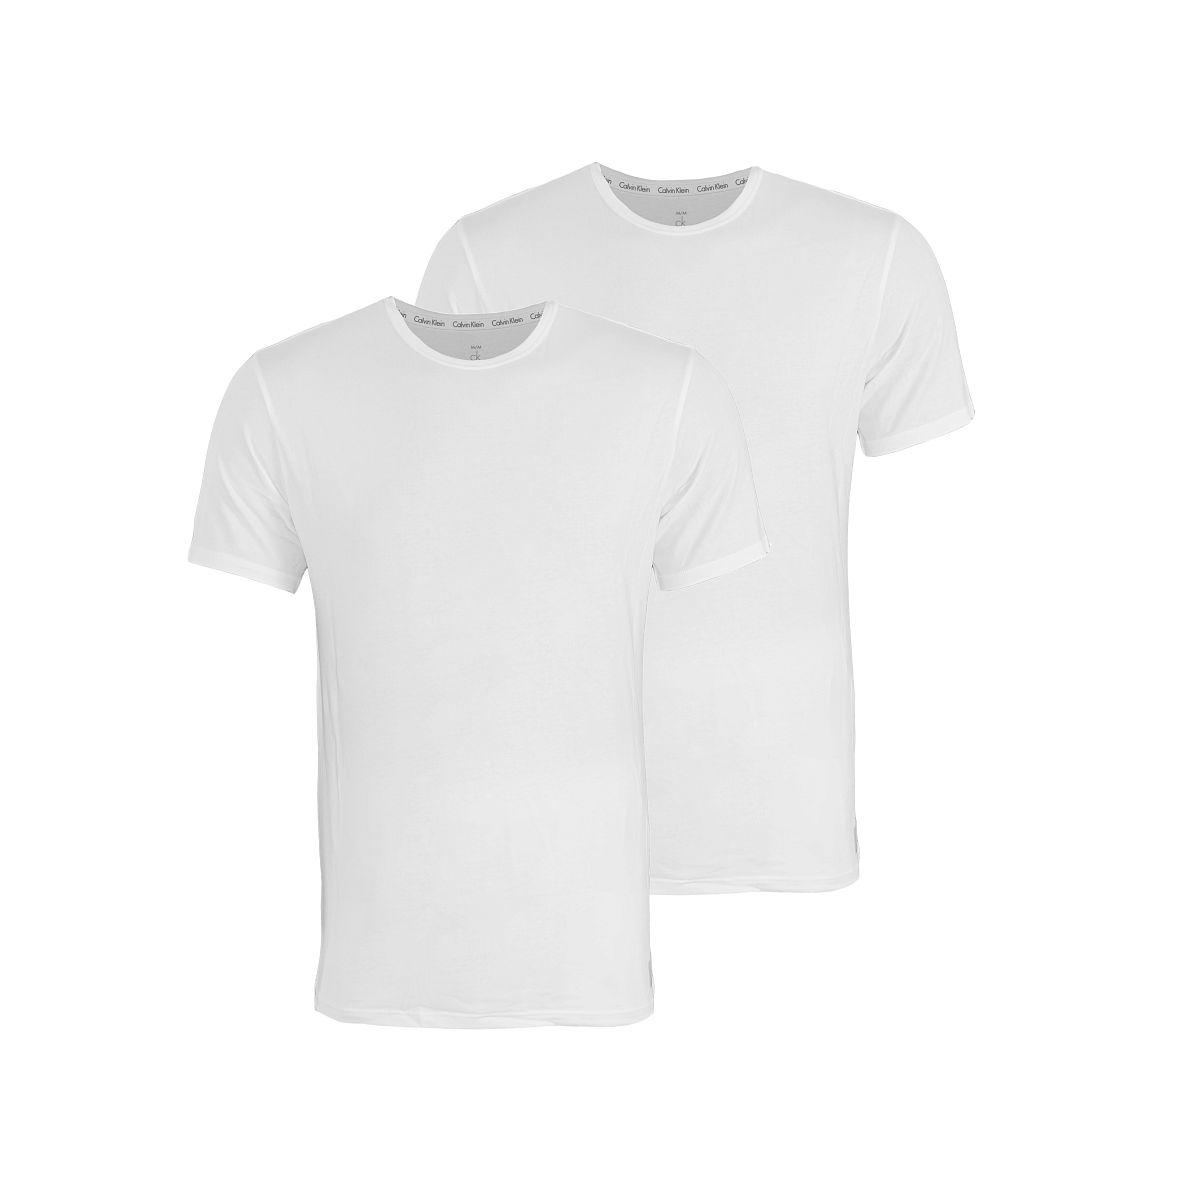 Calvin Klein 2er Pack T-Shirts Tee-Shirts CK16 Rundhals weiß